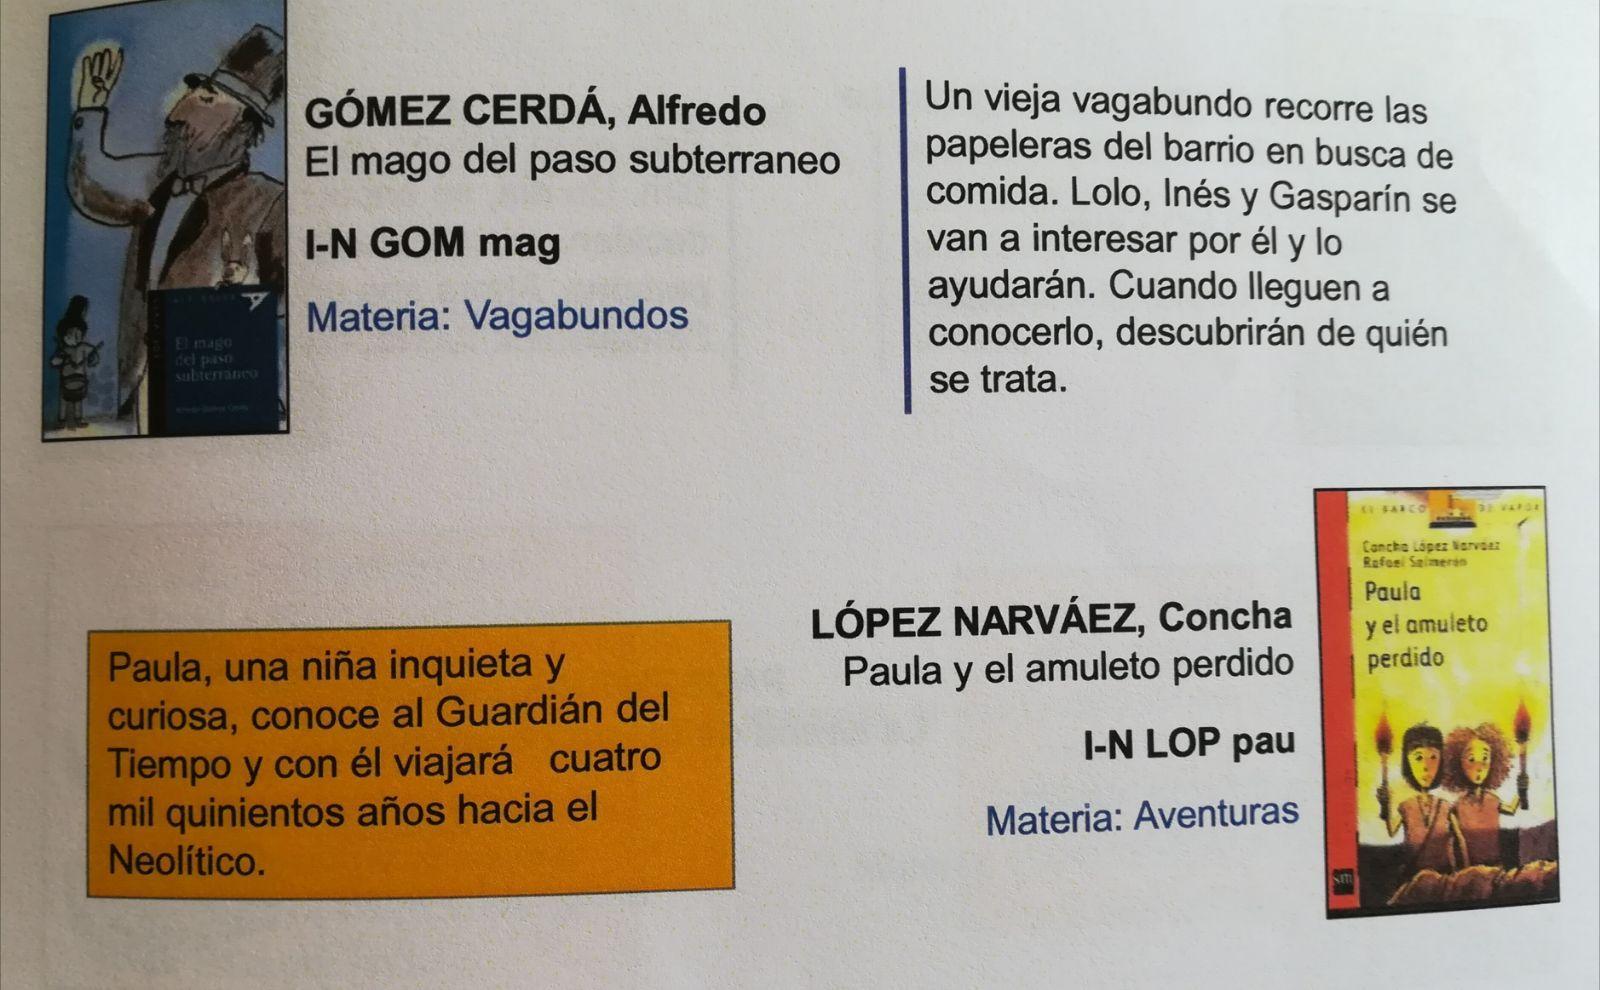 Lecturas recomendadas para 8 años_CEIP FDLR_Las Rozas_2018-2019 7